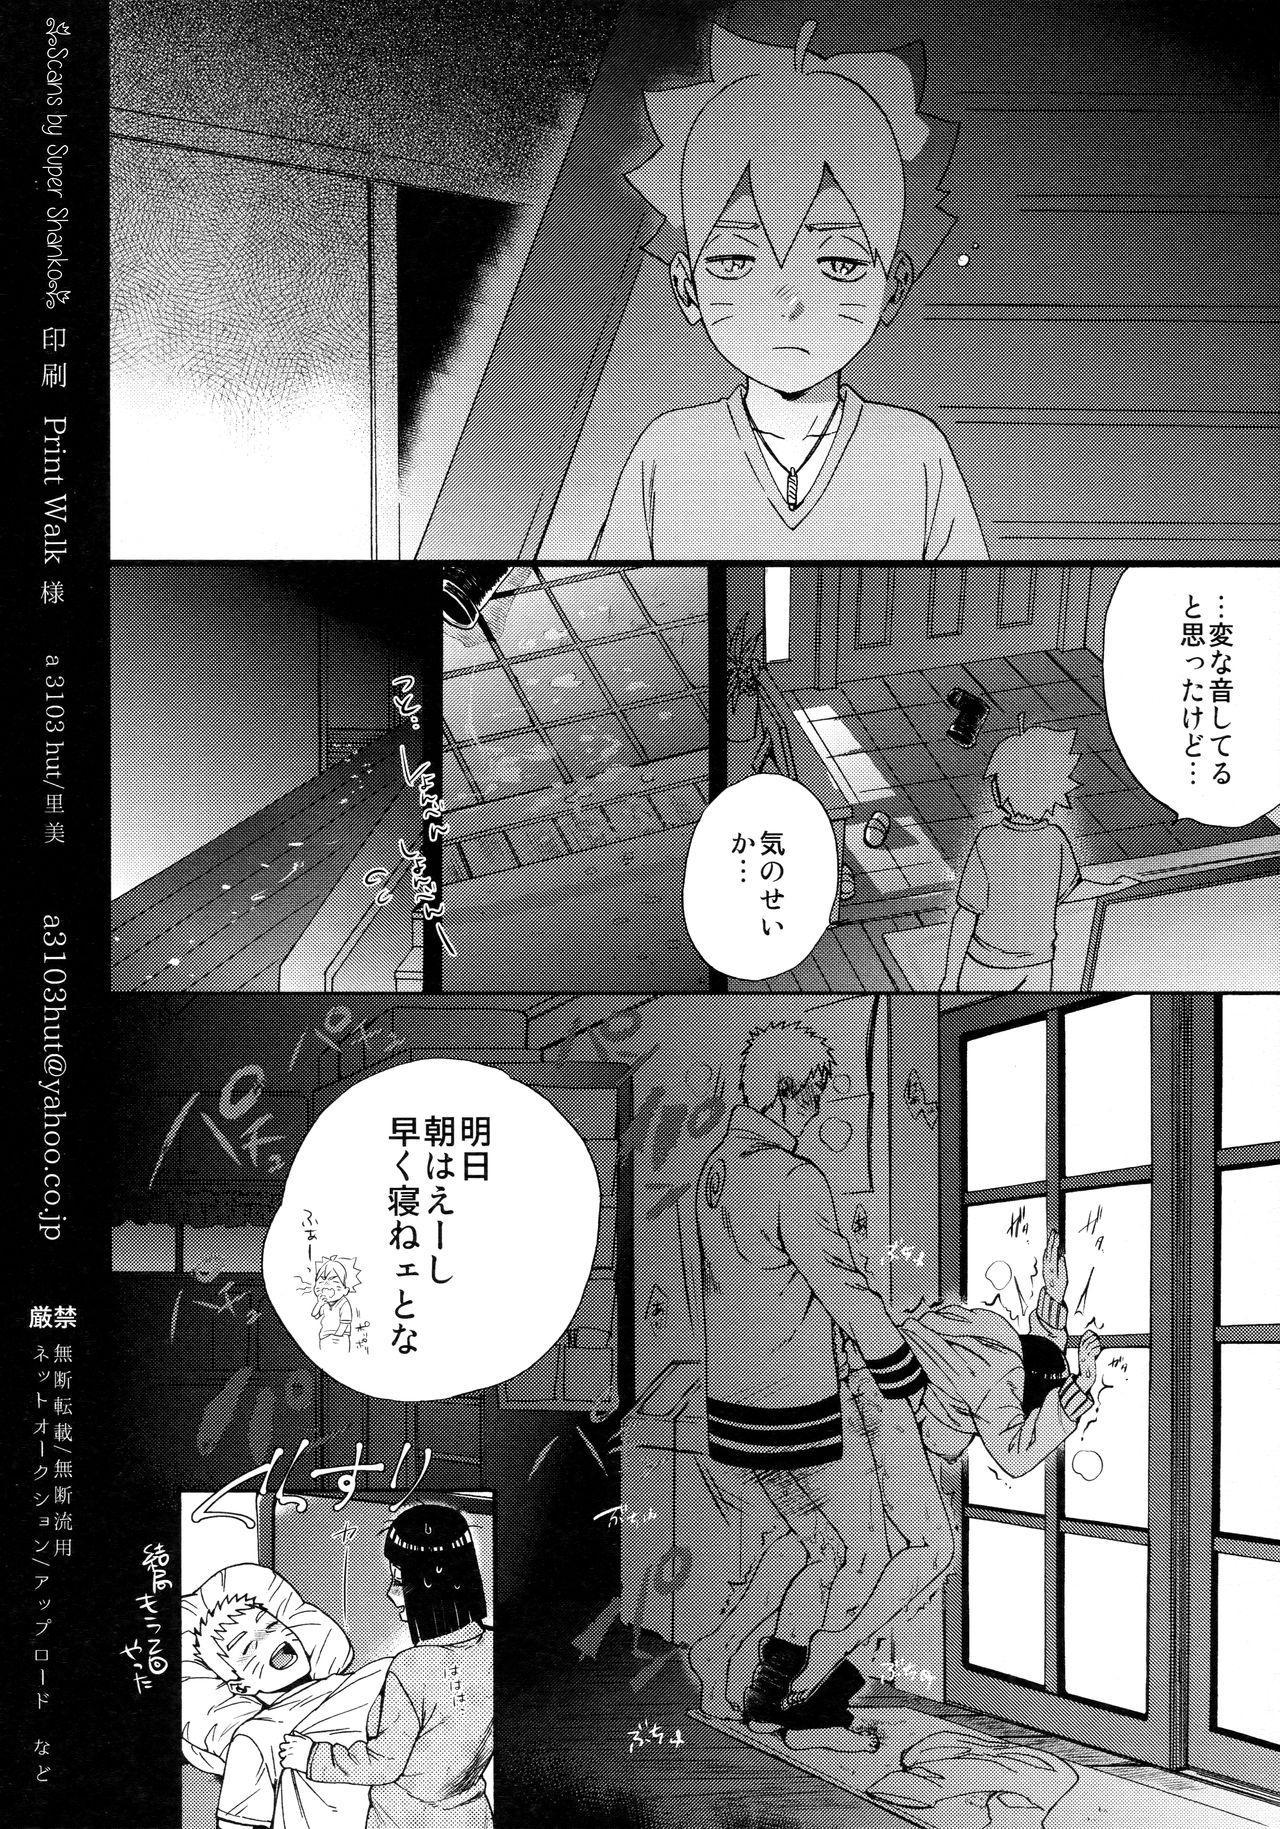 Yoru no Hanashi - Night Story 12